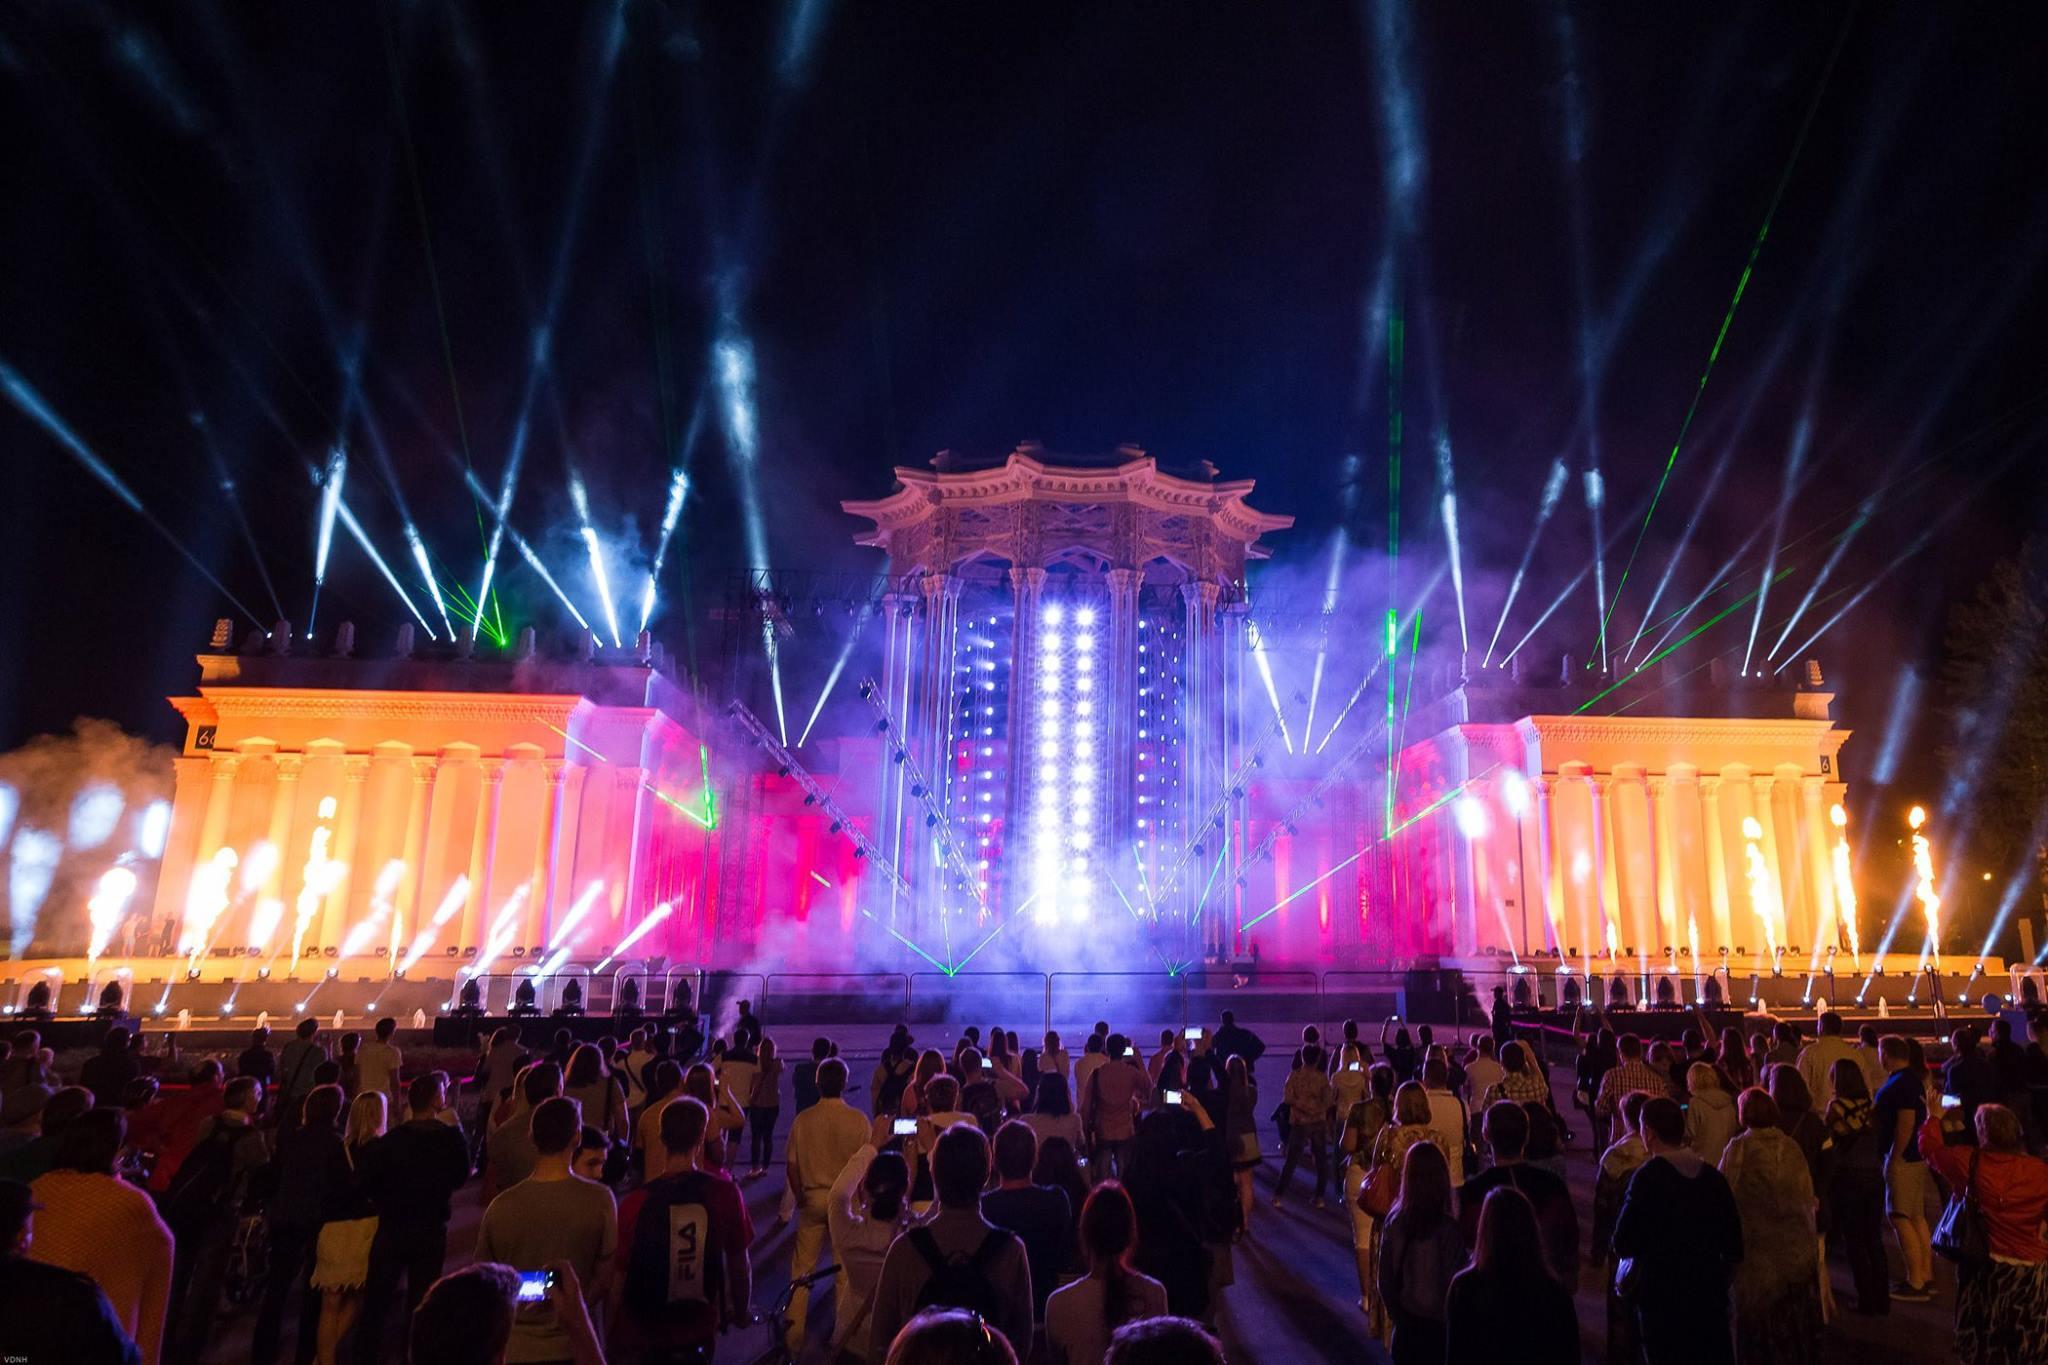 Art Festival Inspiration opened at VDNKh